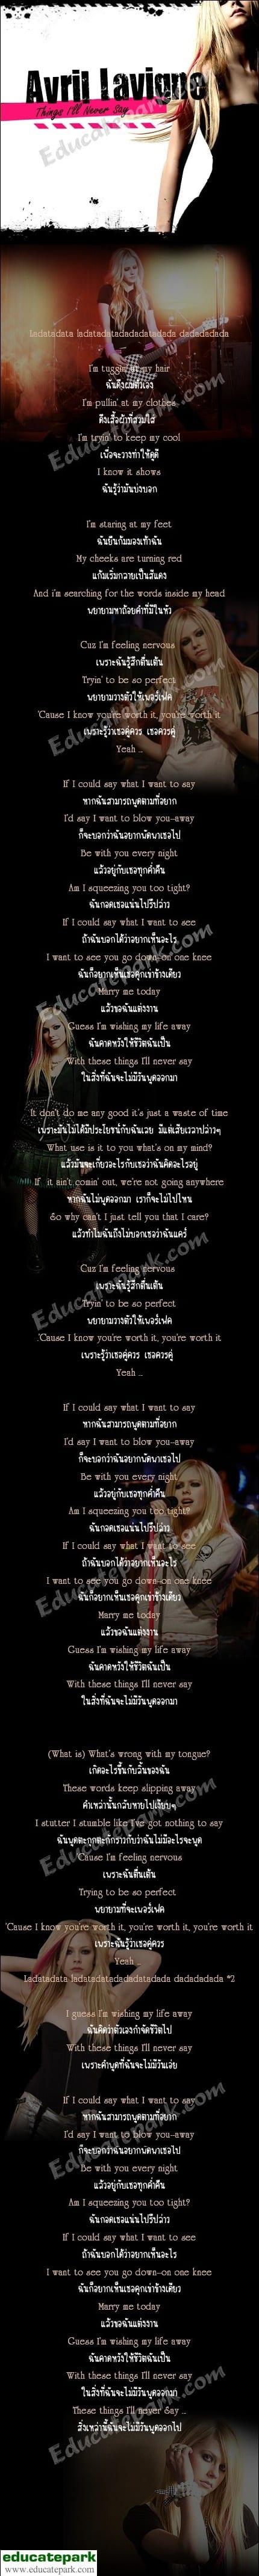 แปลเพลง Things I'll Never Say - Avril Lavigne